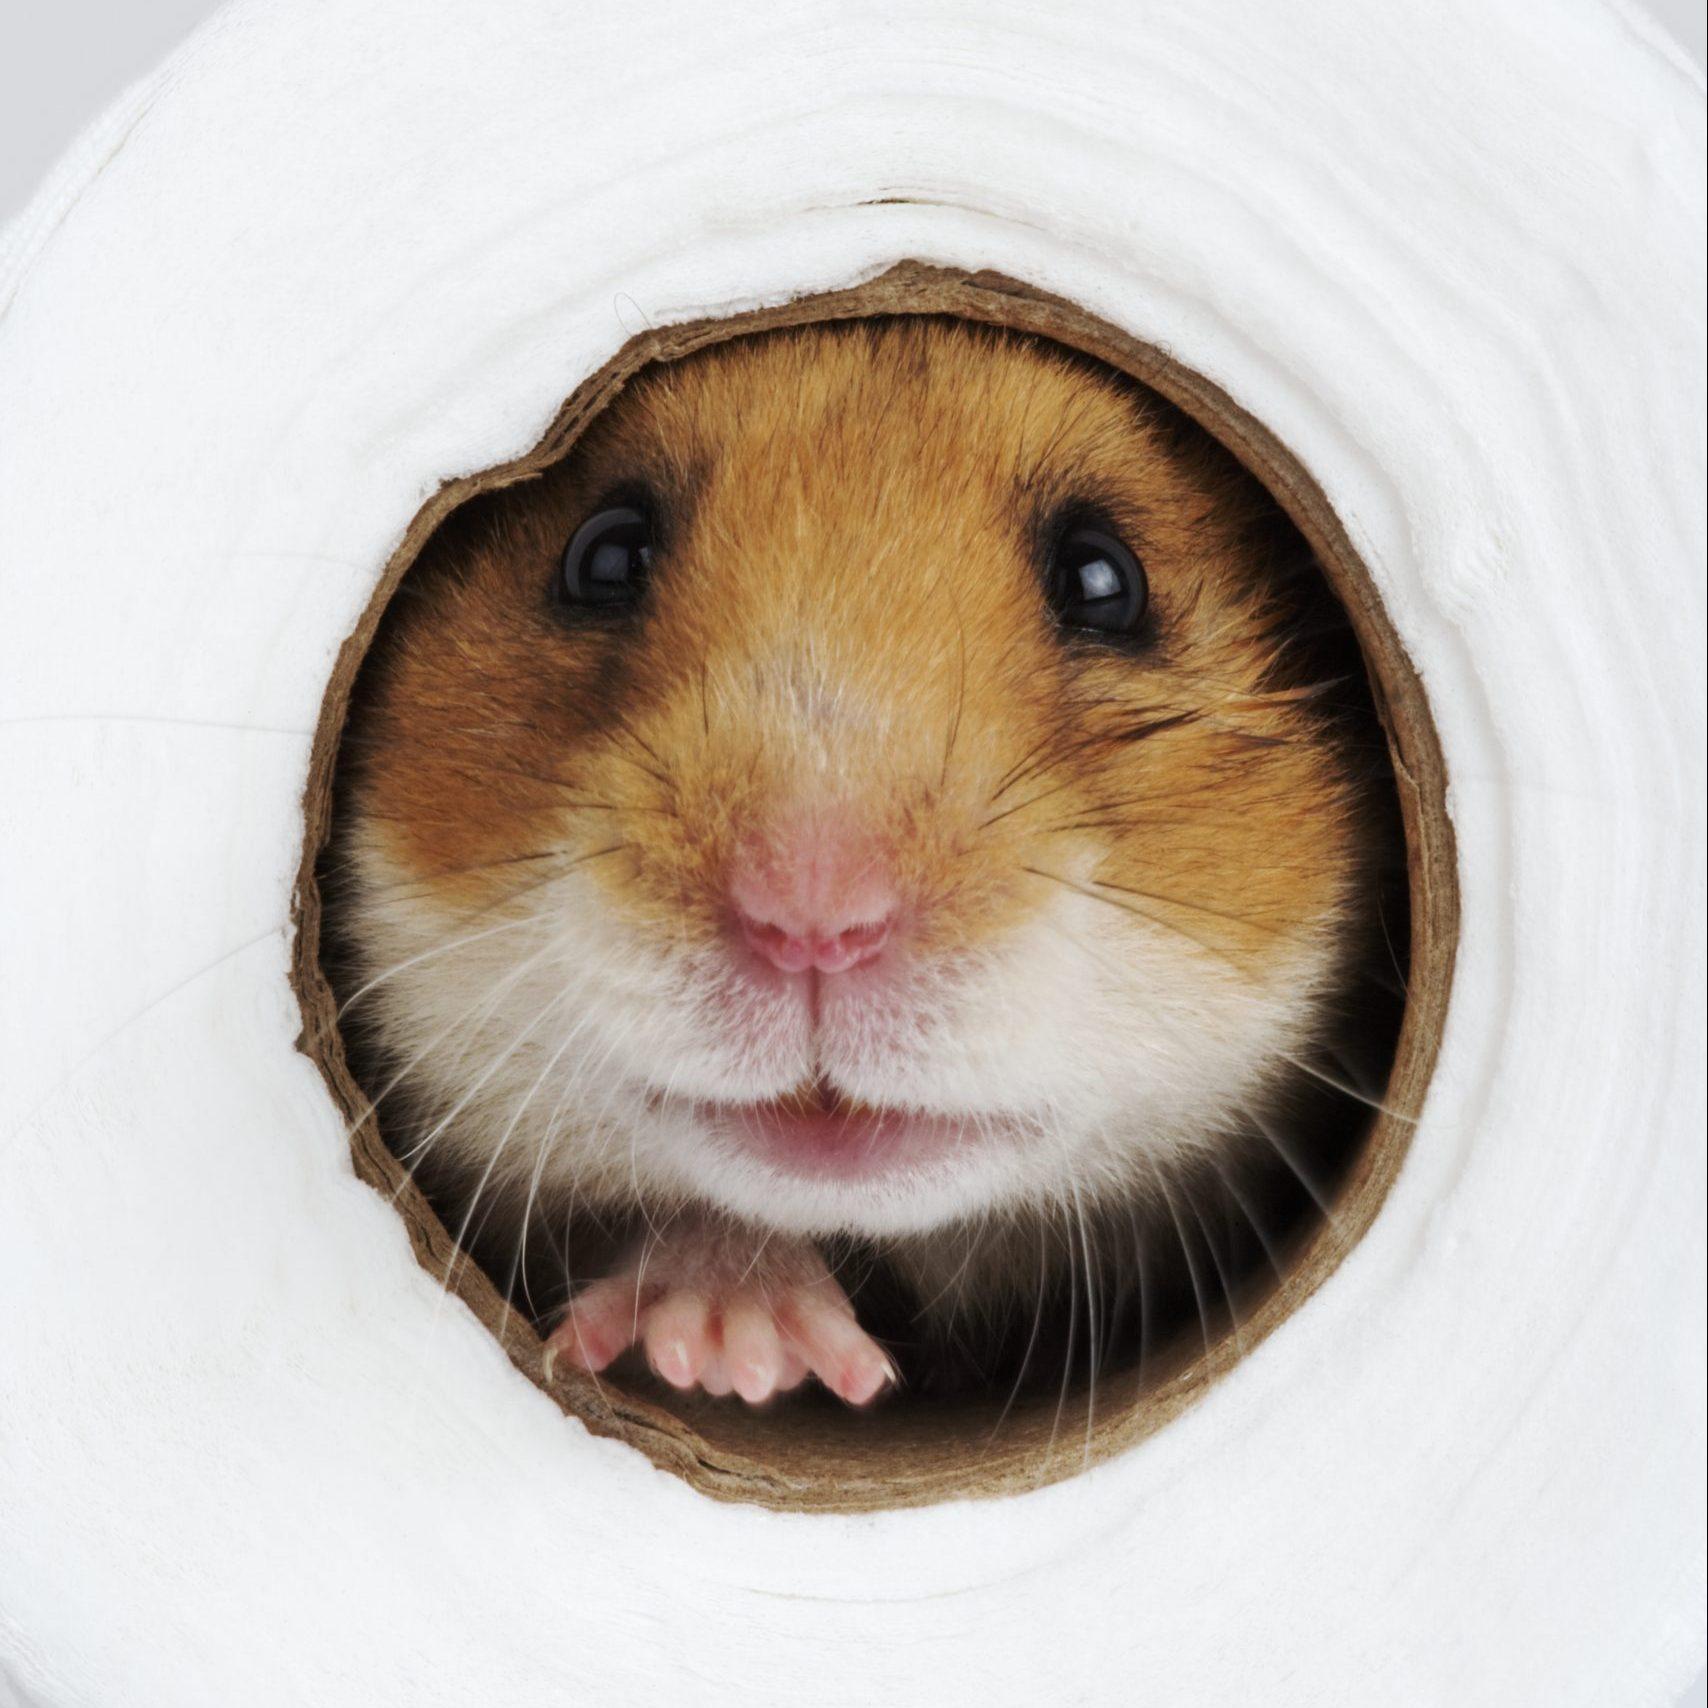 Syrian Hamster inside toilet paper roll, studio shot